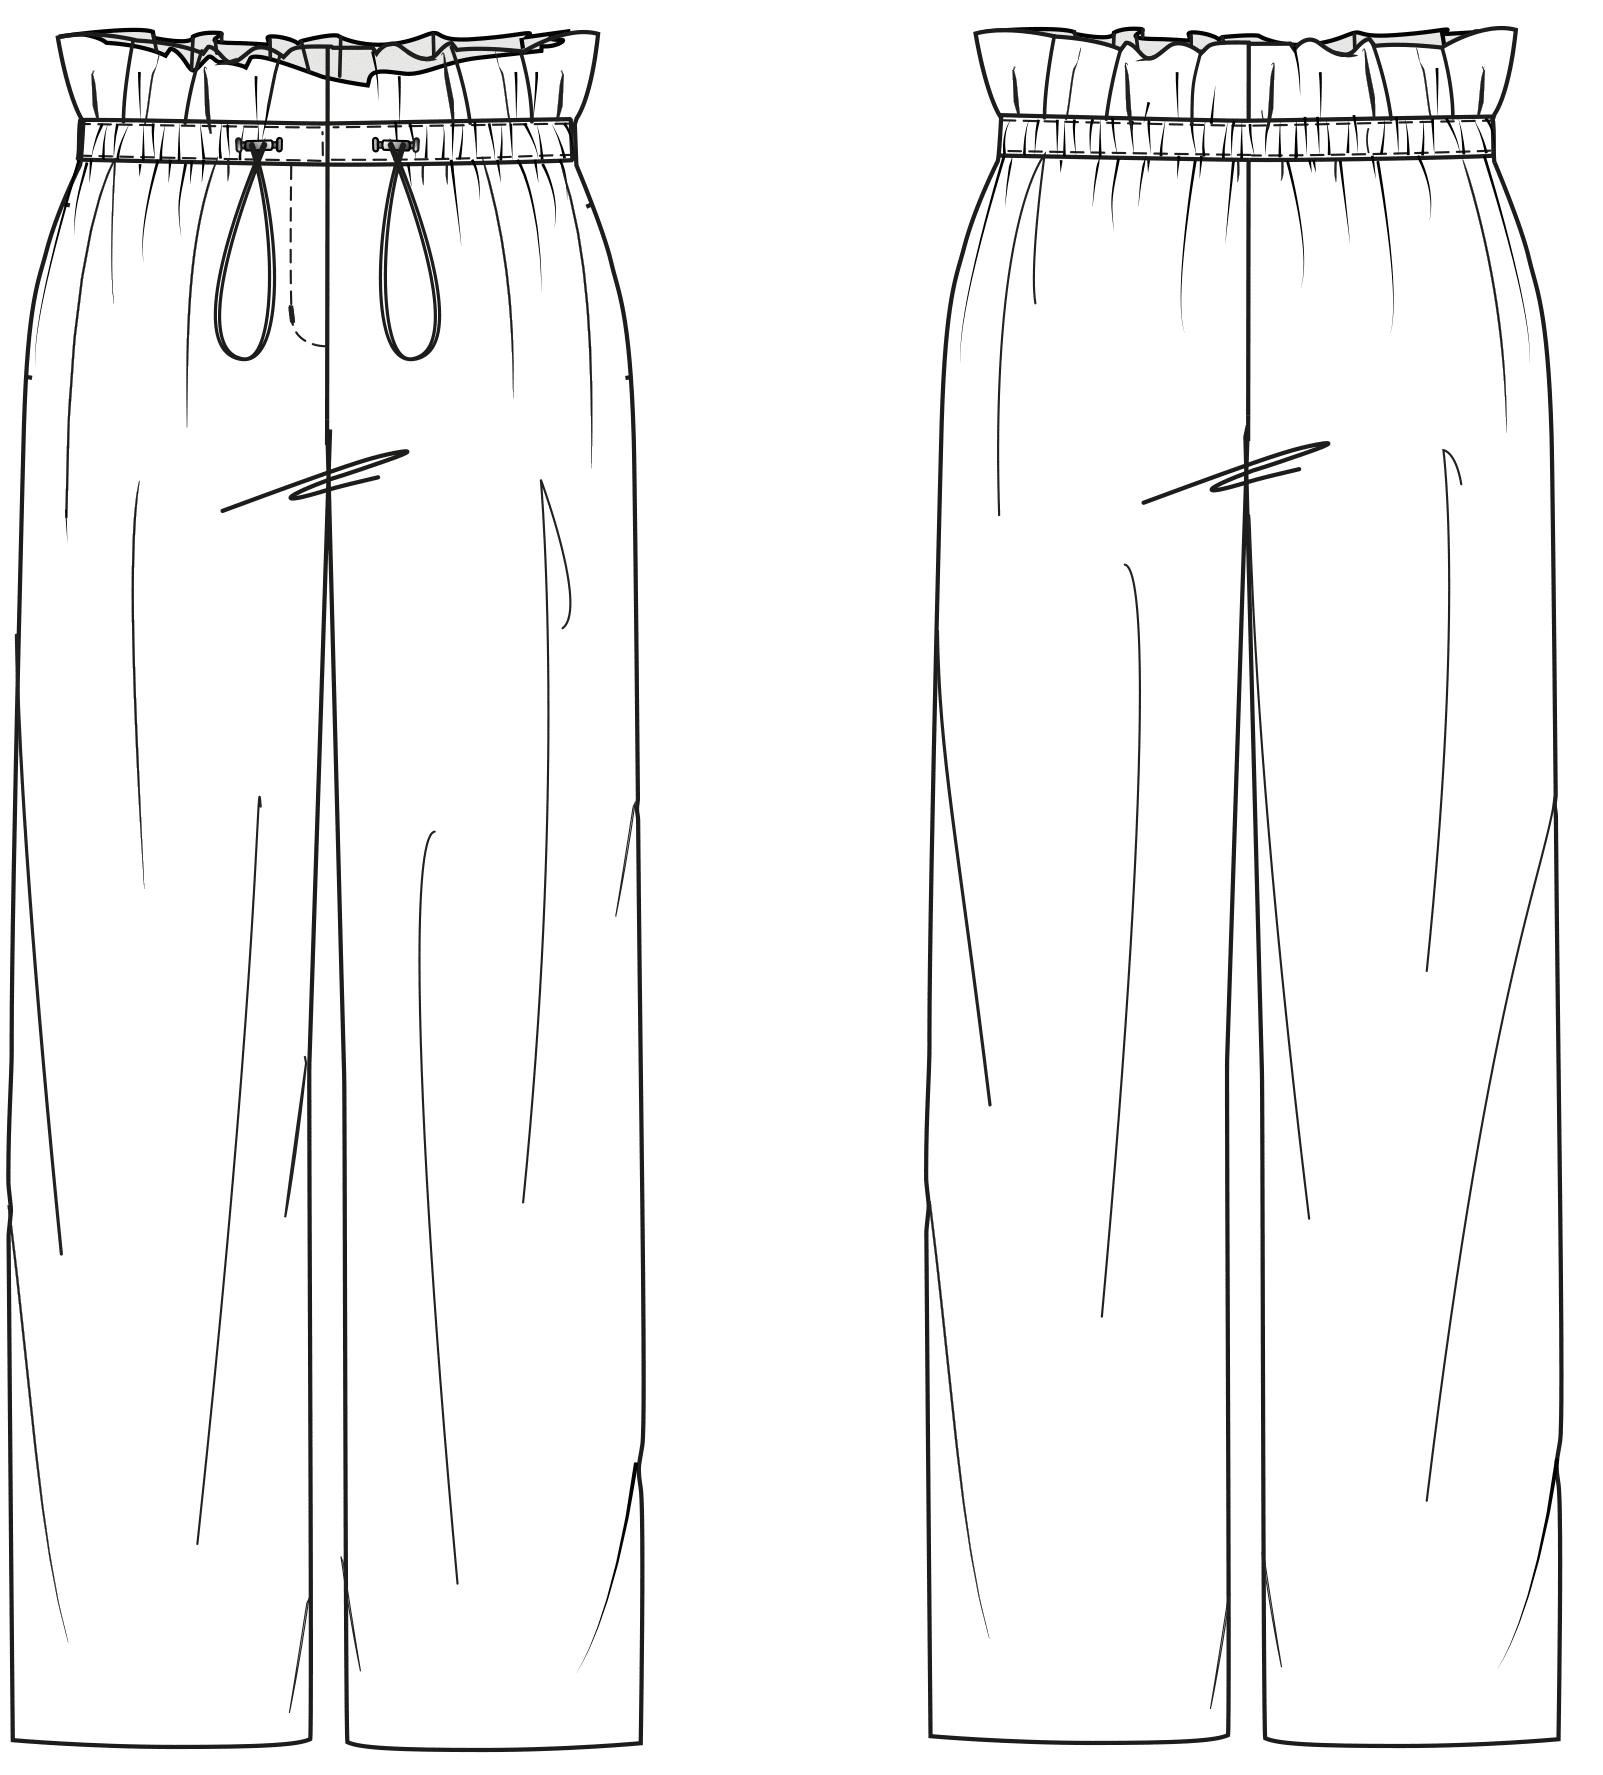 Die Vorder- und Rückansicht der technische Zeichnung einer Hose ist zu sehen. Diesen Schnitt findet man auf einem Schnittmusterbogen.